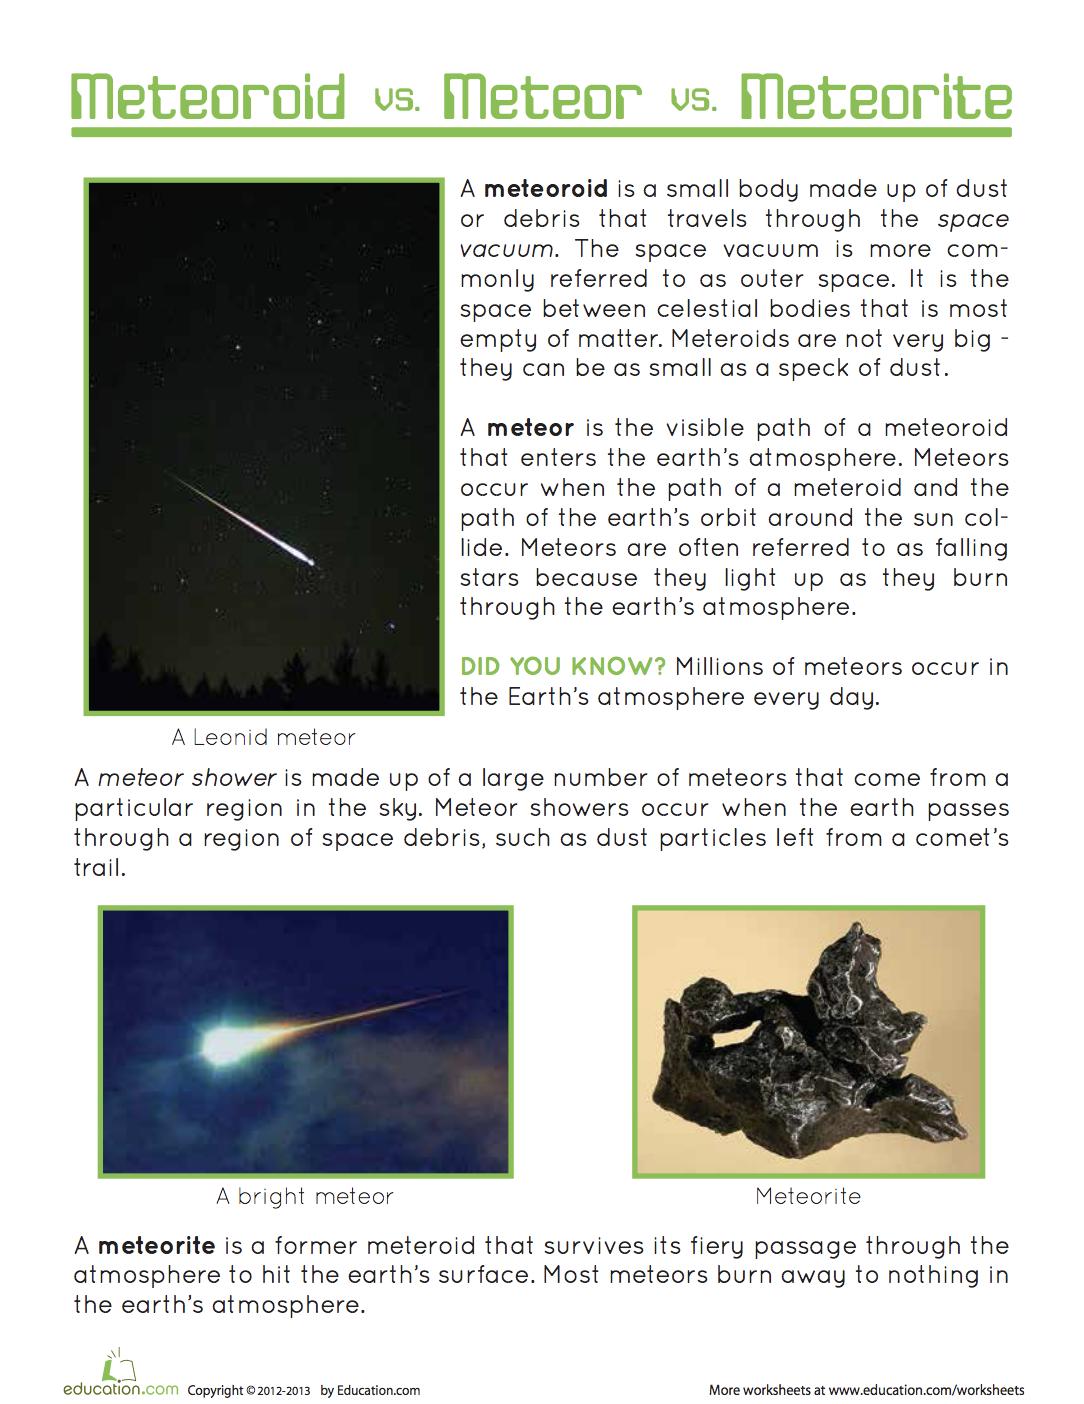 Meteor Meteorite Meteoroid With Images